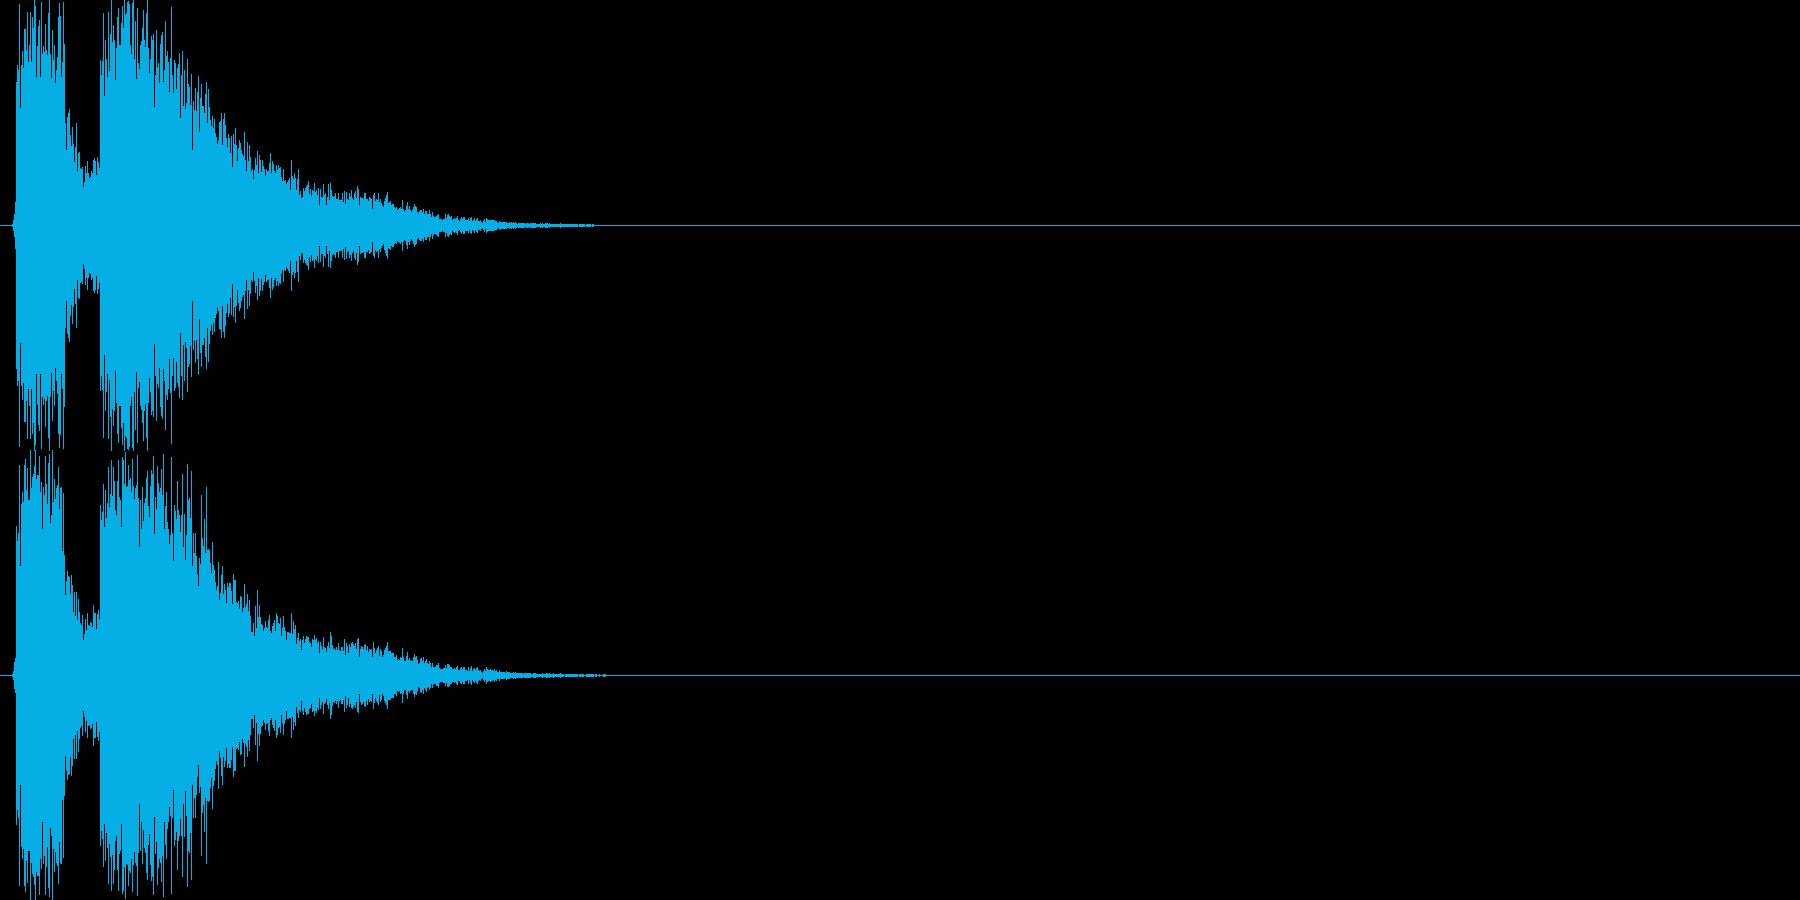 デデーン(テロップ向けSE、注目、宣伝)の再生済みの波形